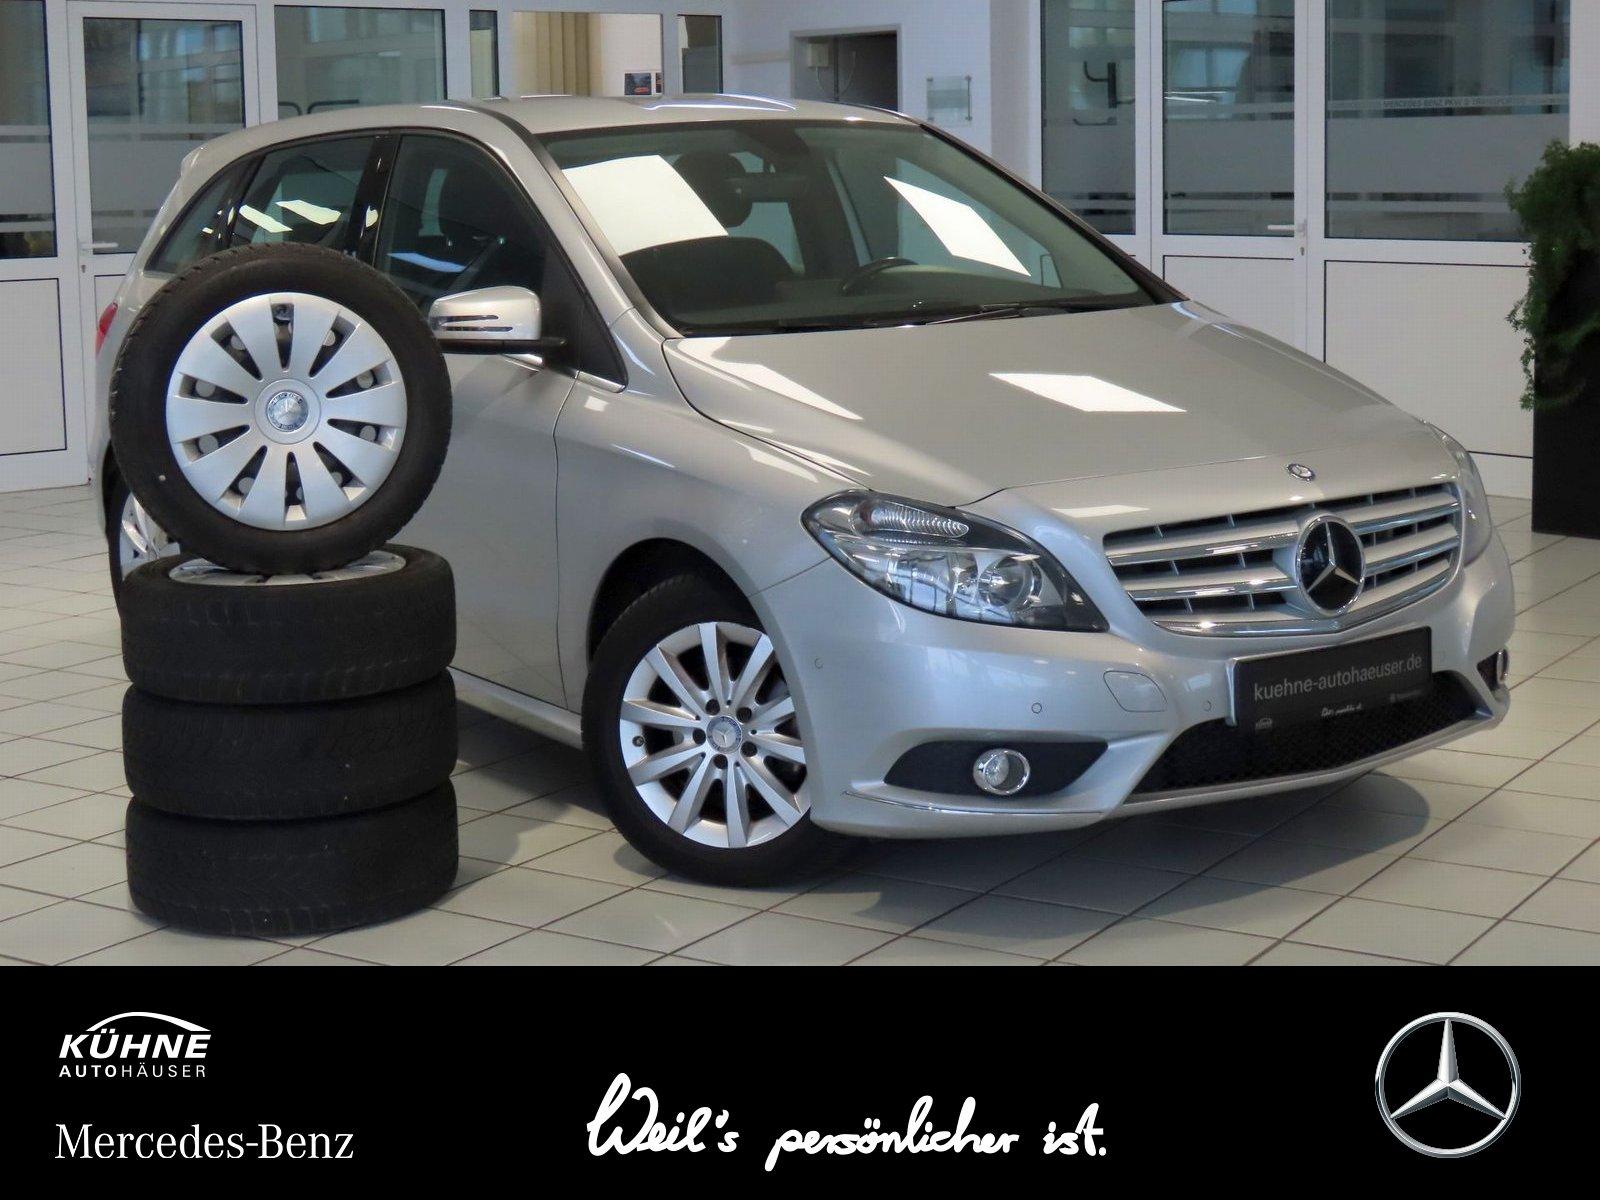 Mercedes-Benz B 180 BE NAVI+Sitzheizung+Sommer/WinterRäder !!!, Jahr 2014, Benzin